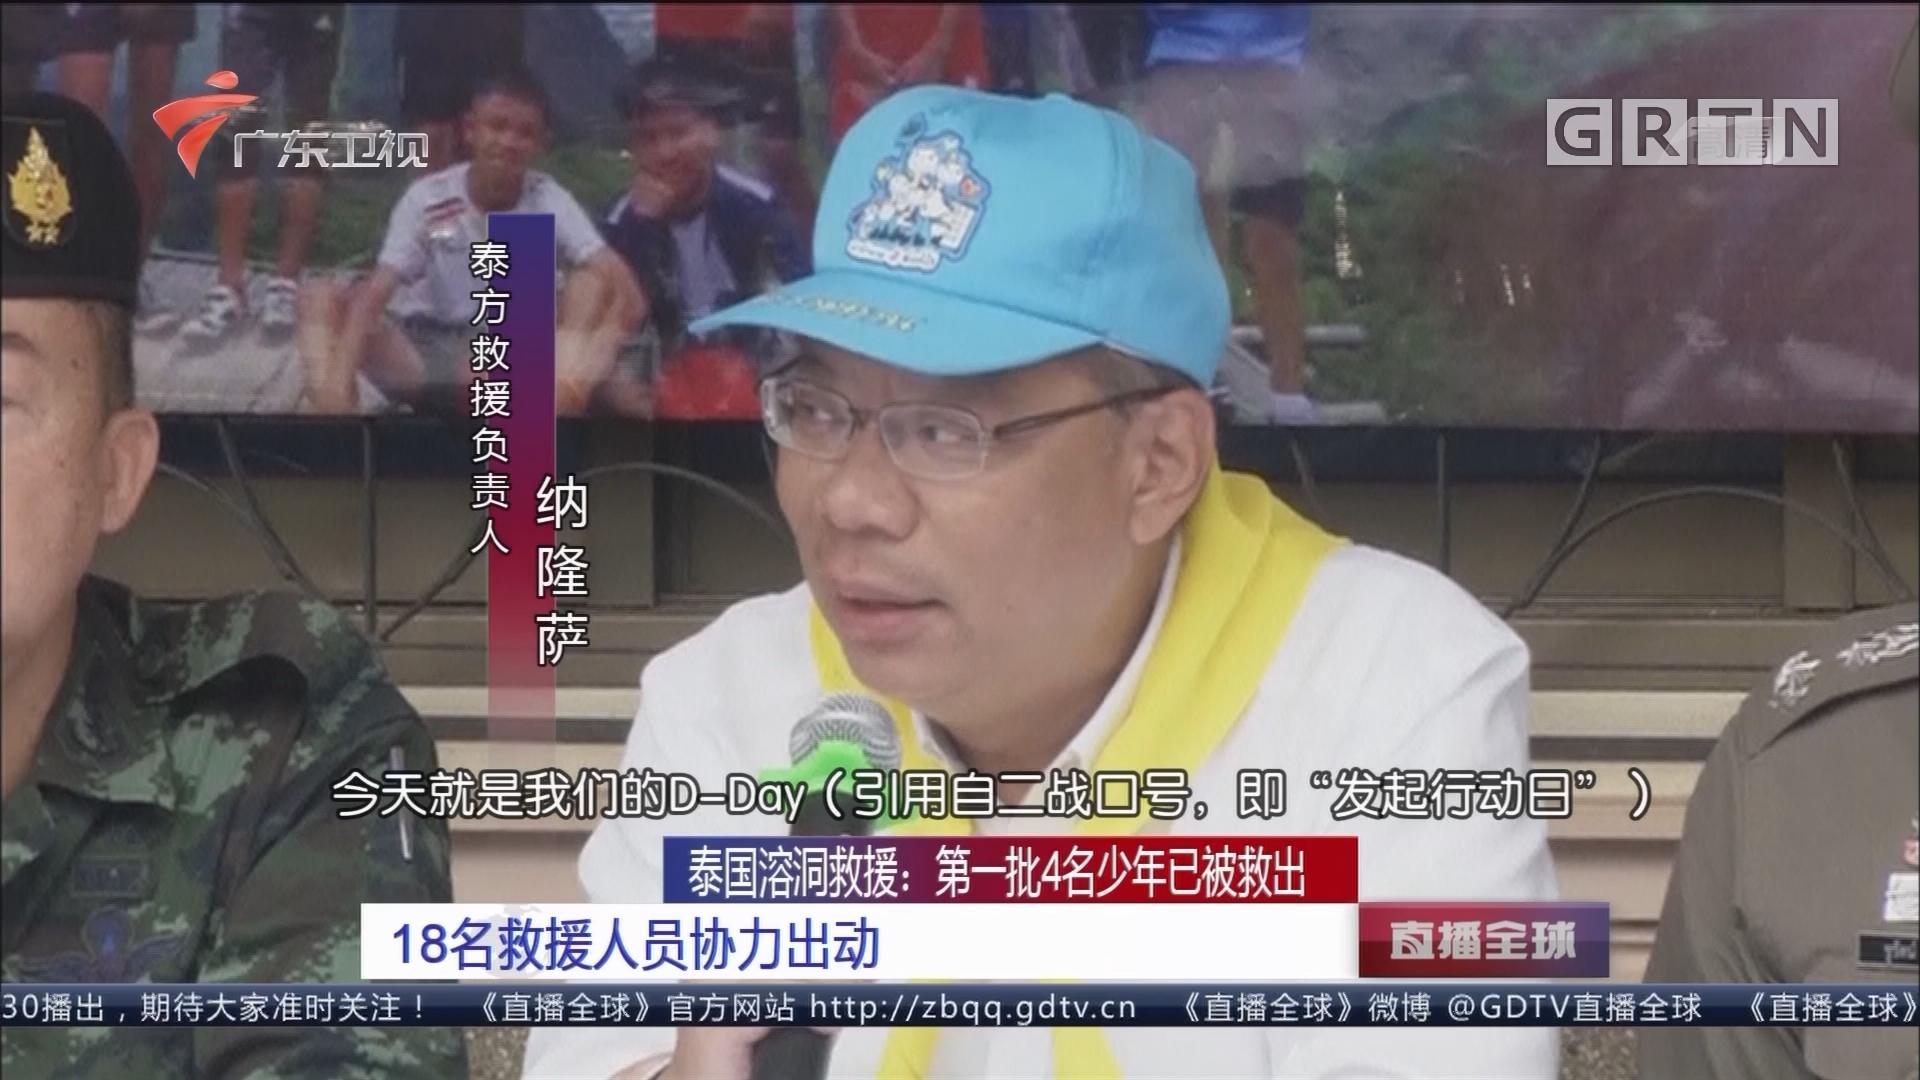 泰国溶洞救援:第一批4名少年已被救出 18名救援人员协力出动